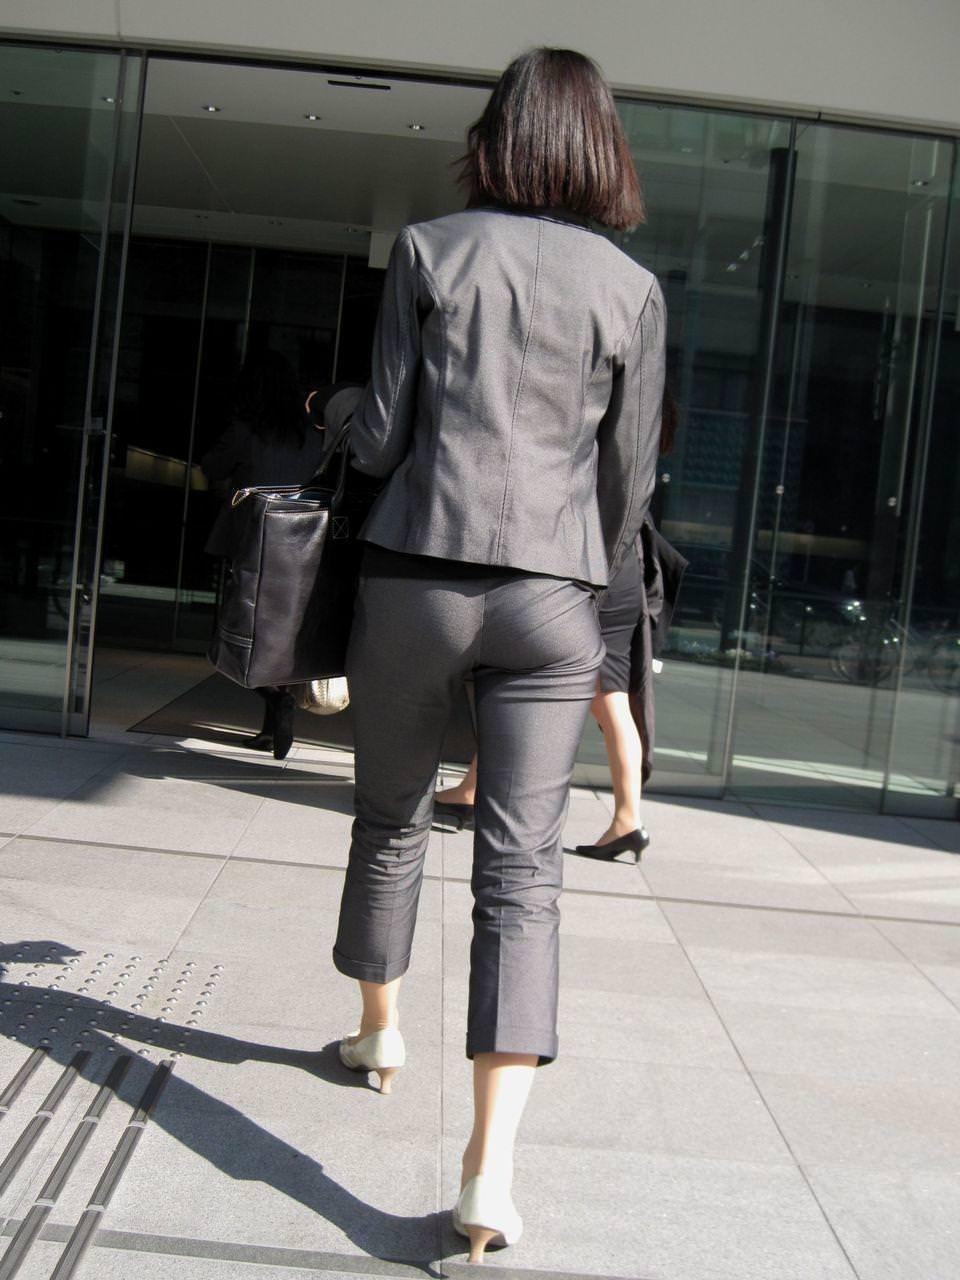 就活OLをストーカーが盗撮したタイトスカートのエロ画像3枚目